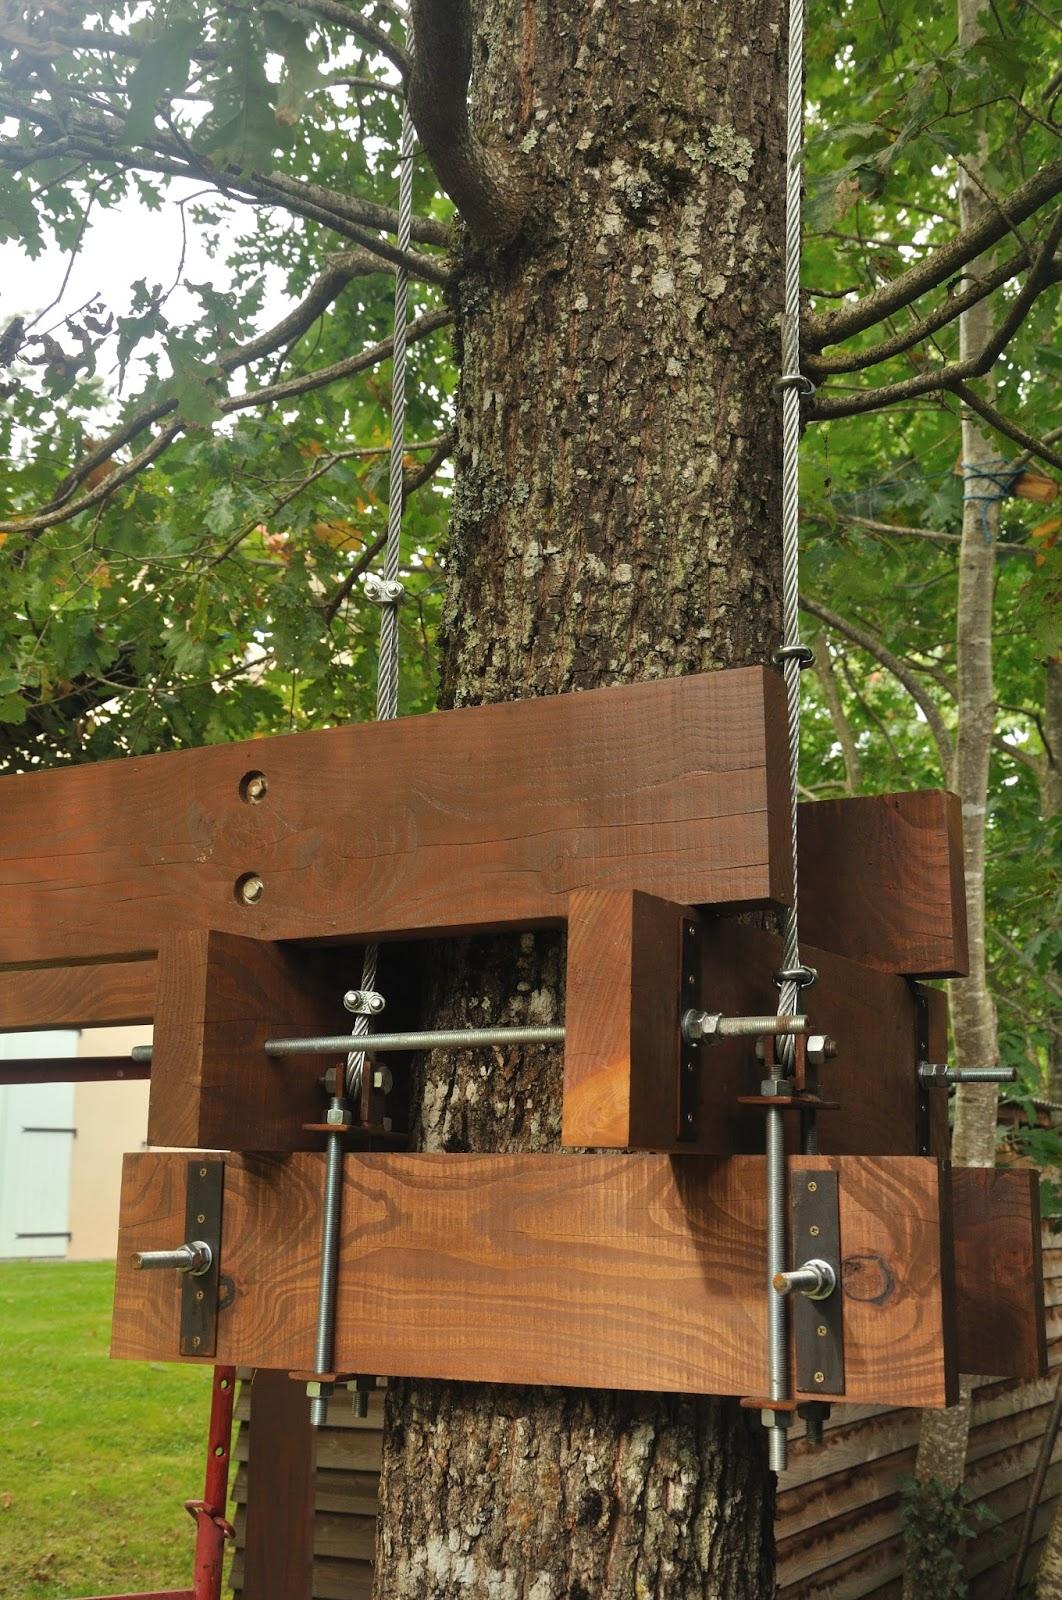 fixation suppl mentaire avec le cable la cabane de prout et nonosse. Black Bedroom Furniture Sets. Home Design Ideas